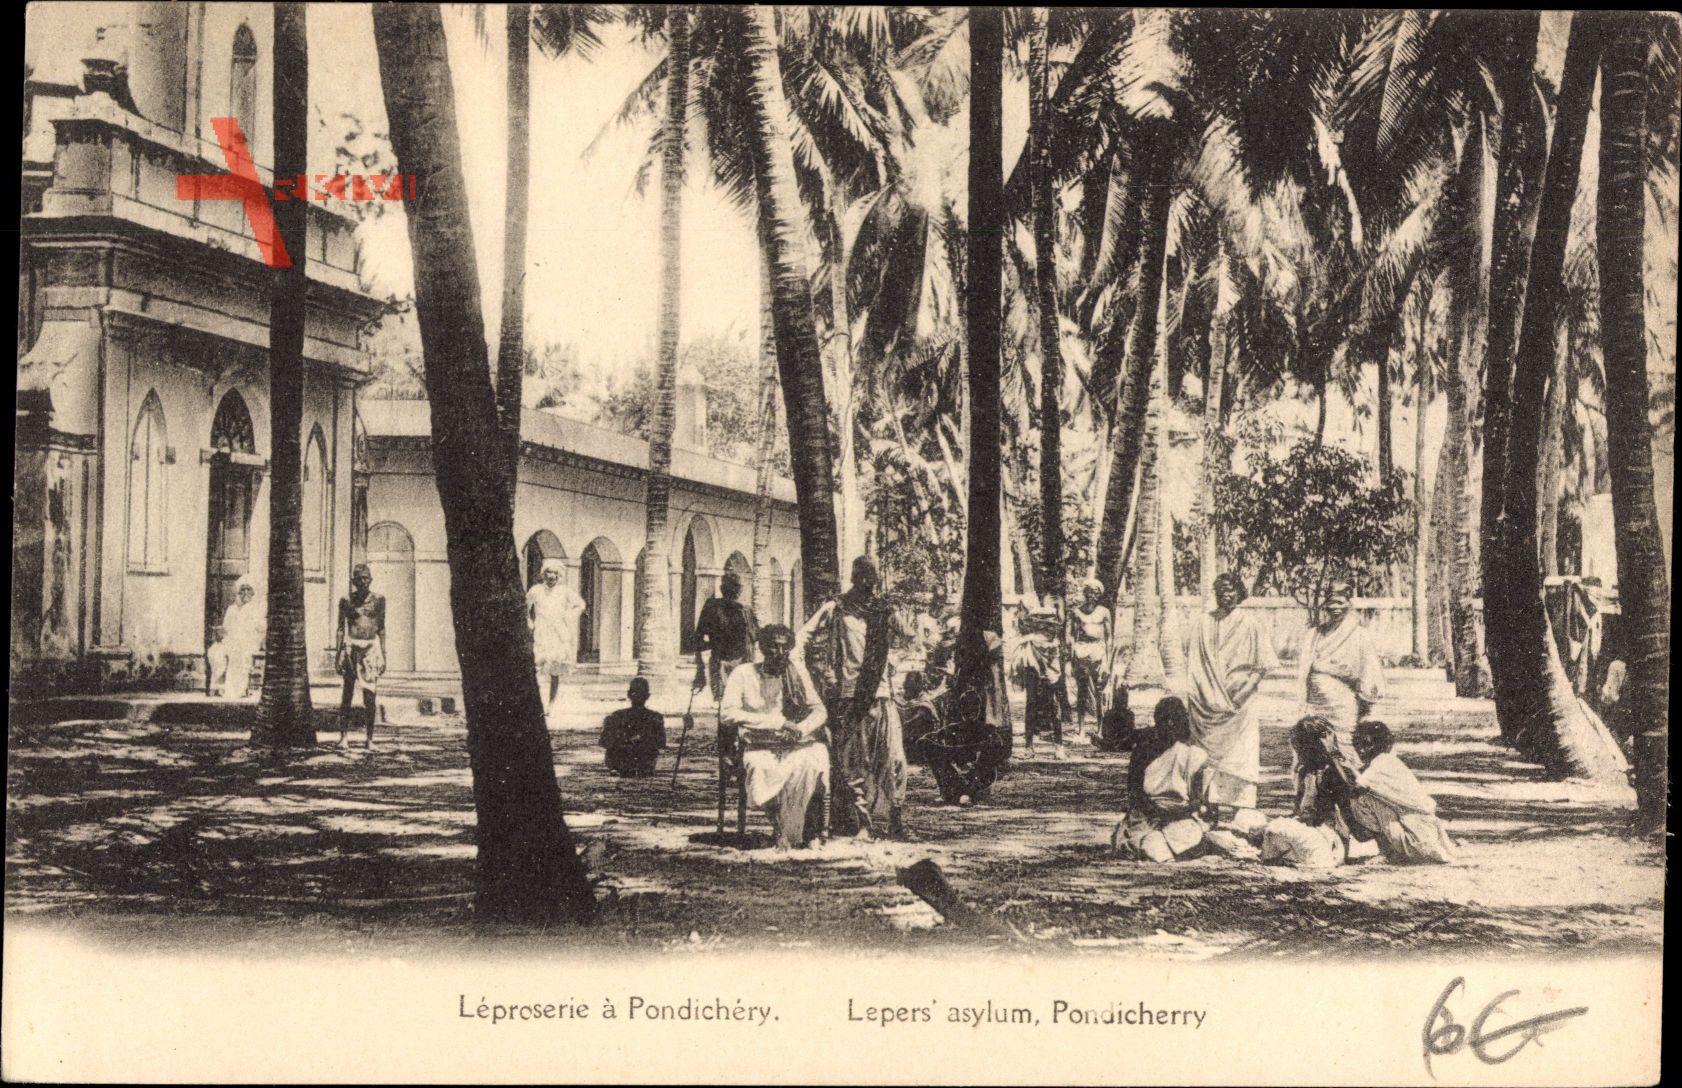 Pondichery Indien, Leposerie, Lepers asylum, Leprakranke